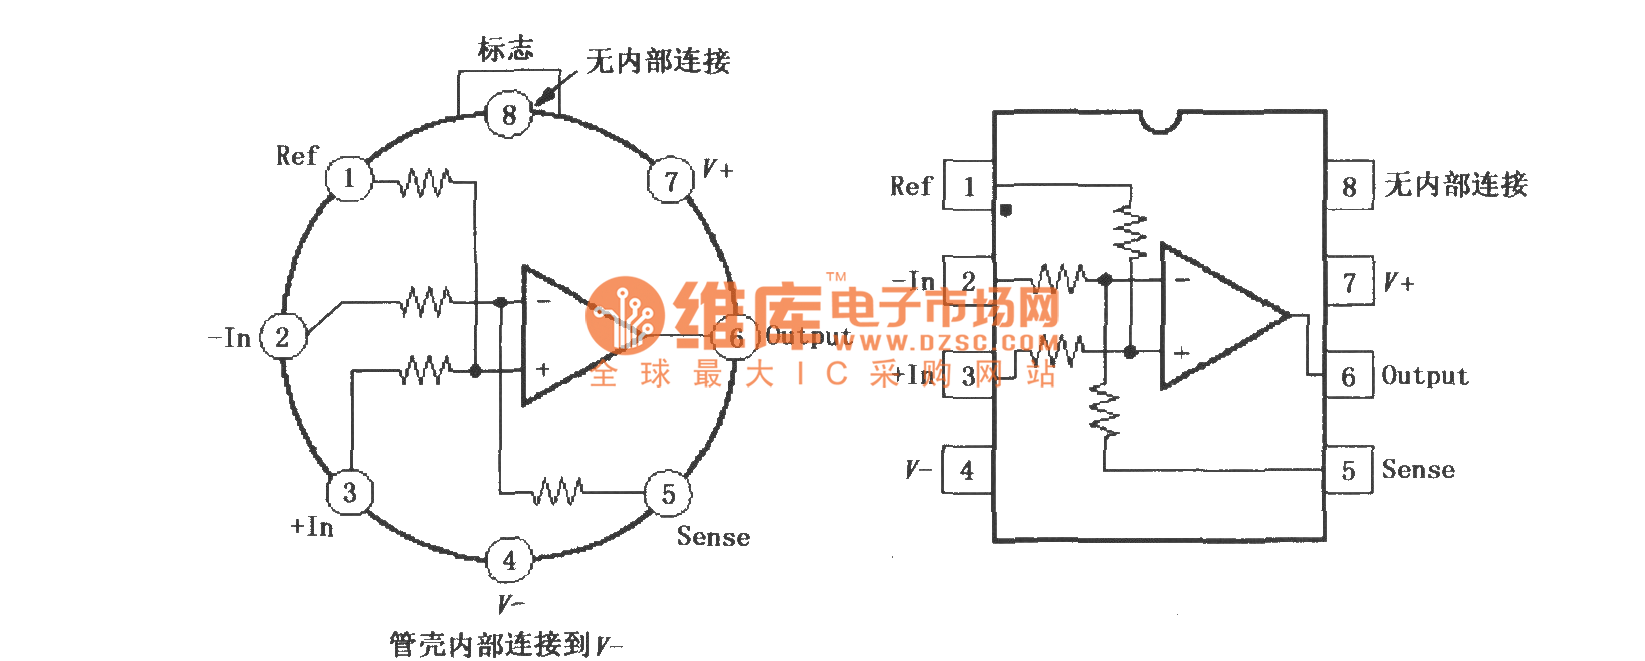 【图】ina105精密增益差分放大器仪表放大器